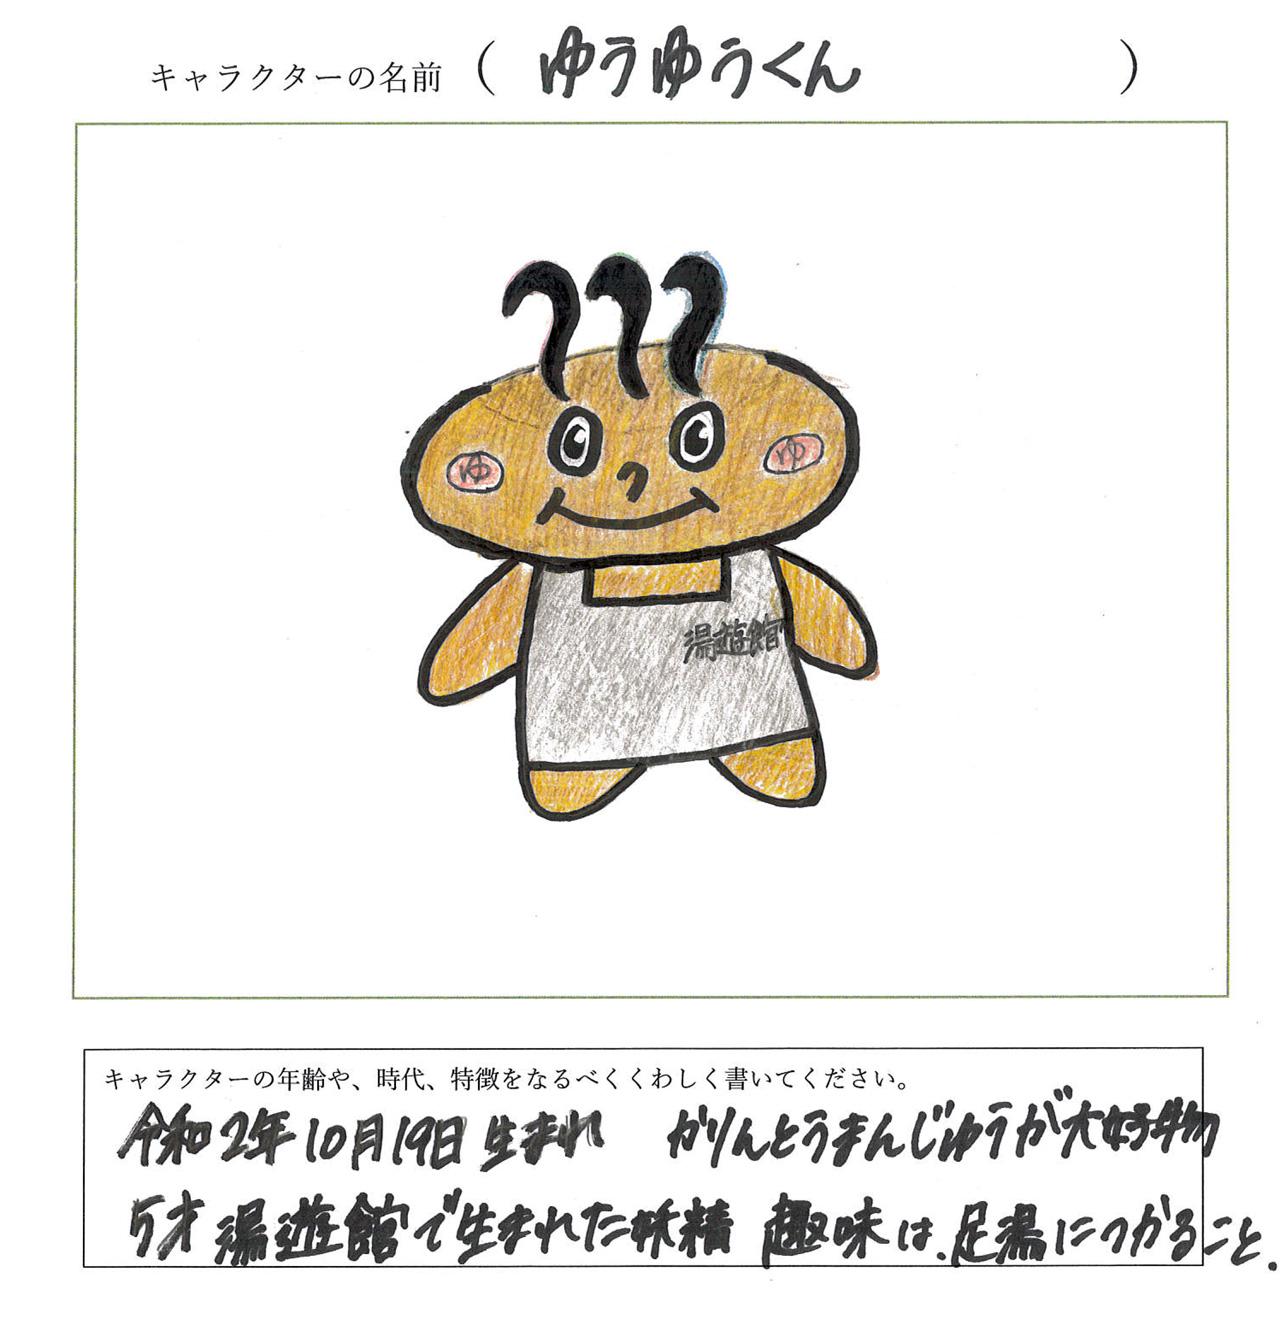 採用キャラクター 「ゆうゆうくん」2年生女子のキャラクター